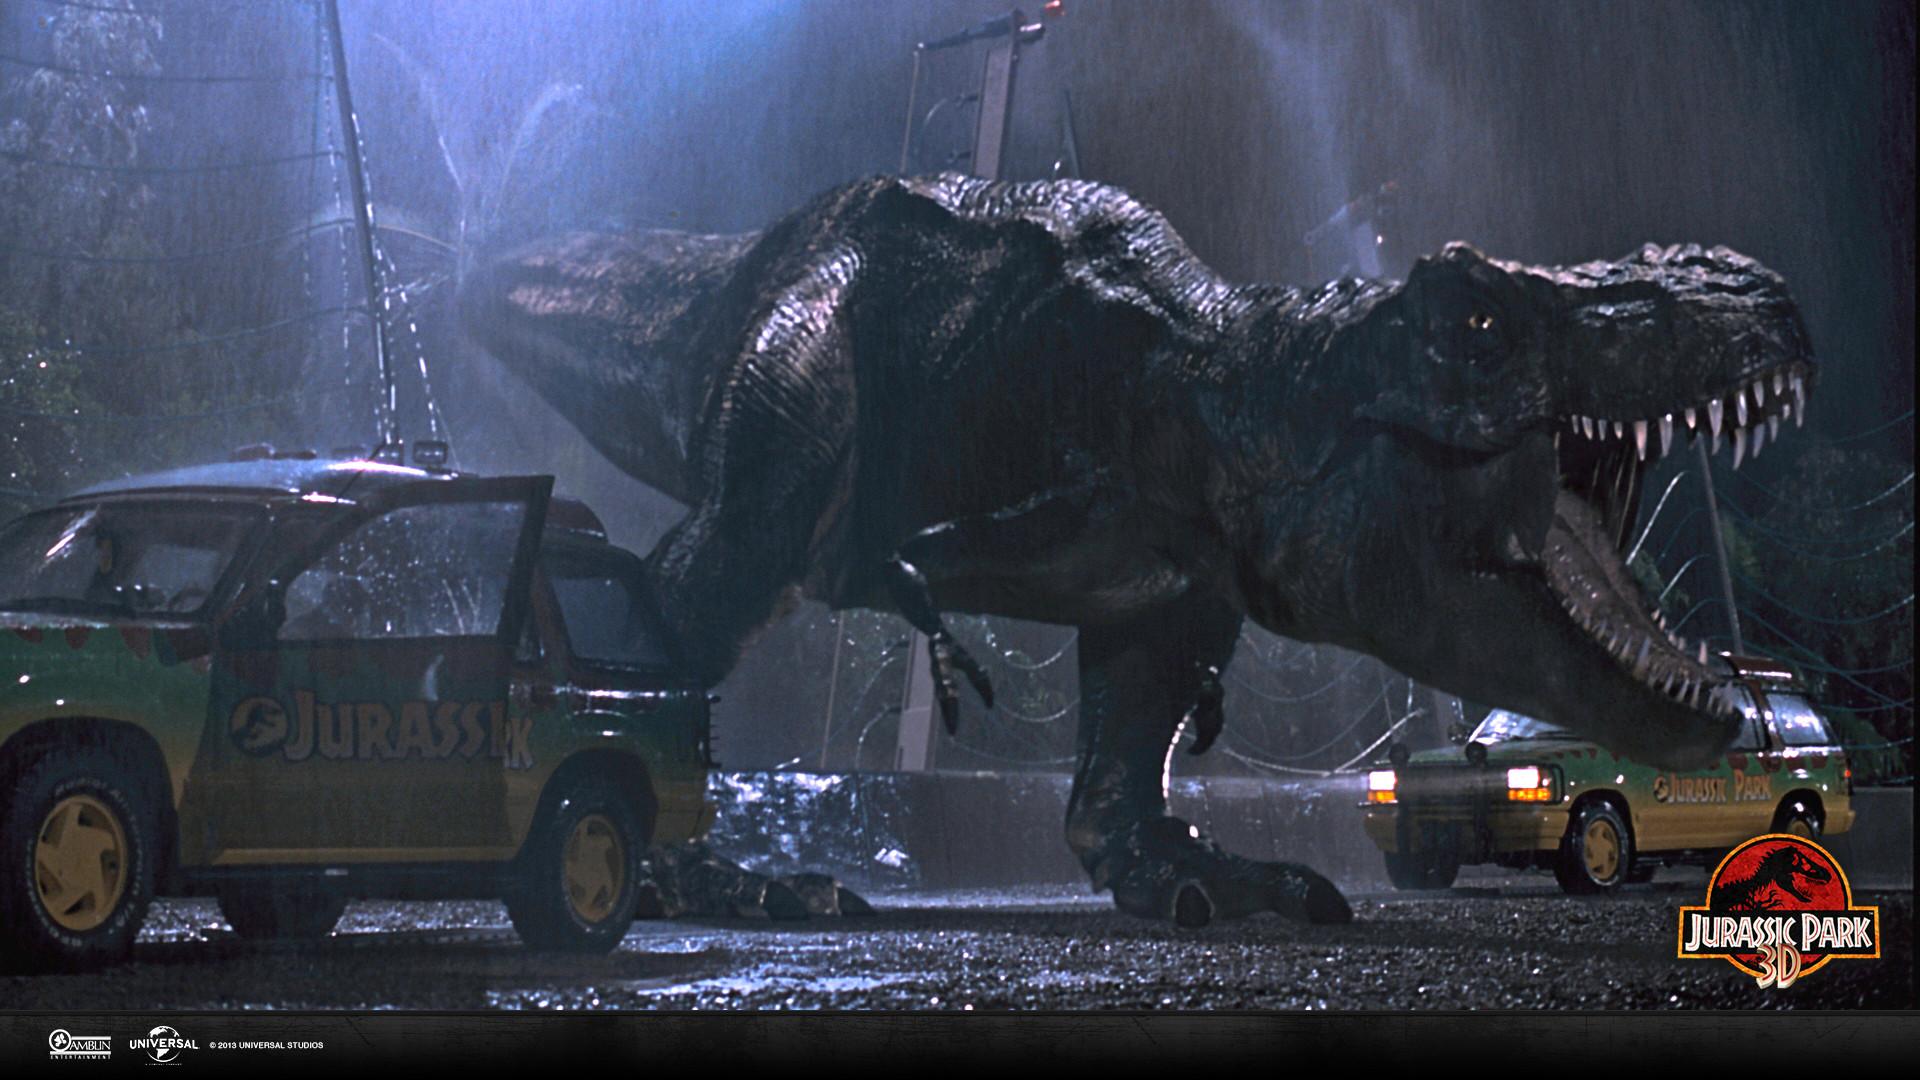 Jurassic Park Wallpaper ·① WallpaperTag